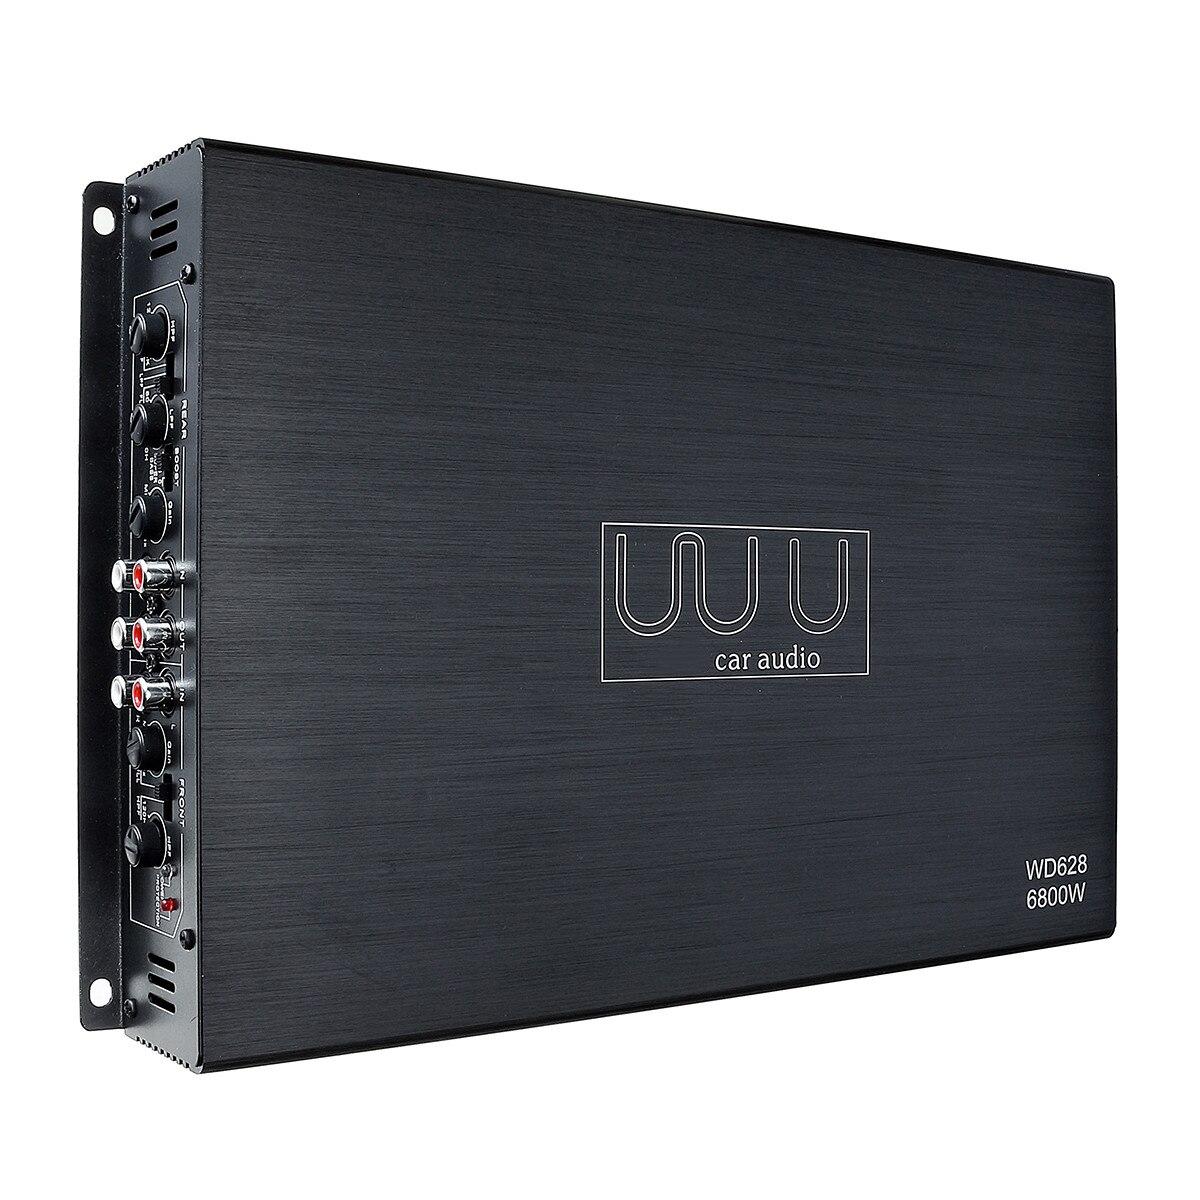 DC 12 V 6800 Watt 4 canaux amplificateur de voiture Audio stéréo haut-parleur de basse voiture amplificateurs Audio Subwoofer voiture amplificateurs Audio - 3